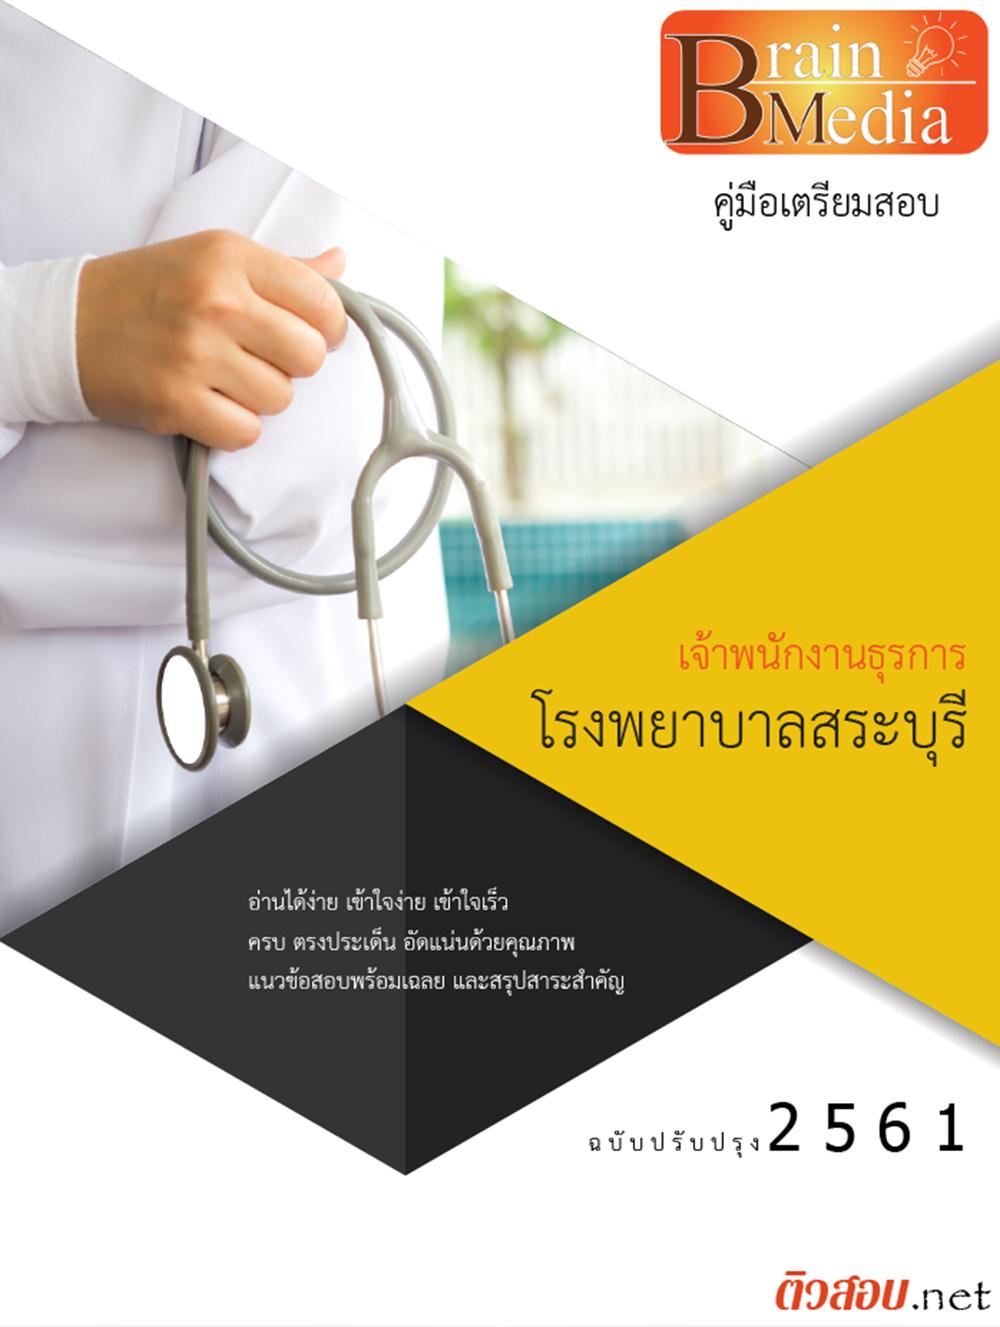 เฉลยแนวข้อสอบ เจ้าพนักงานธุรการ โรงพยาบาลสระบุรี